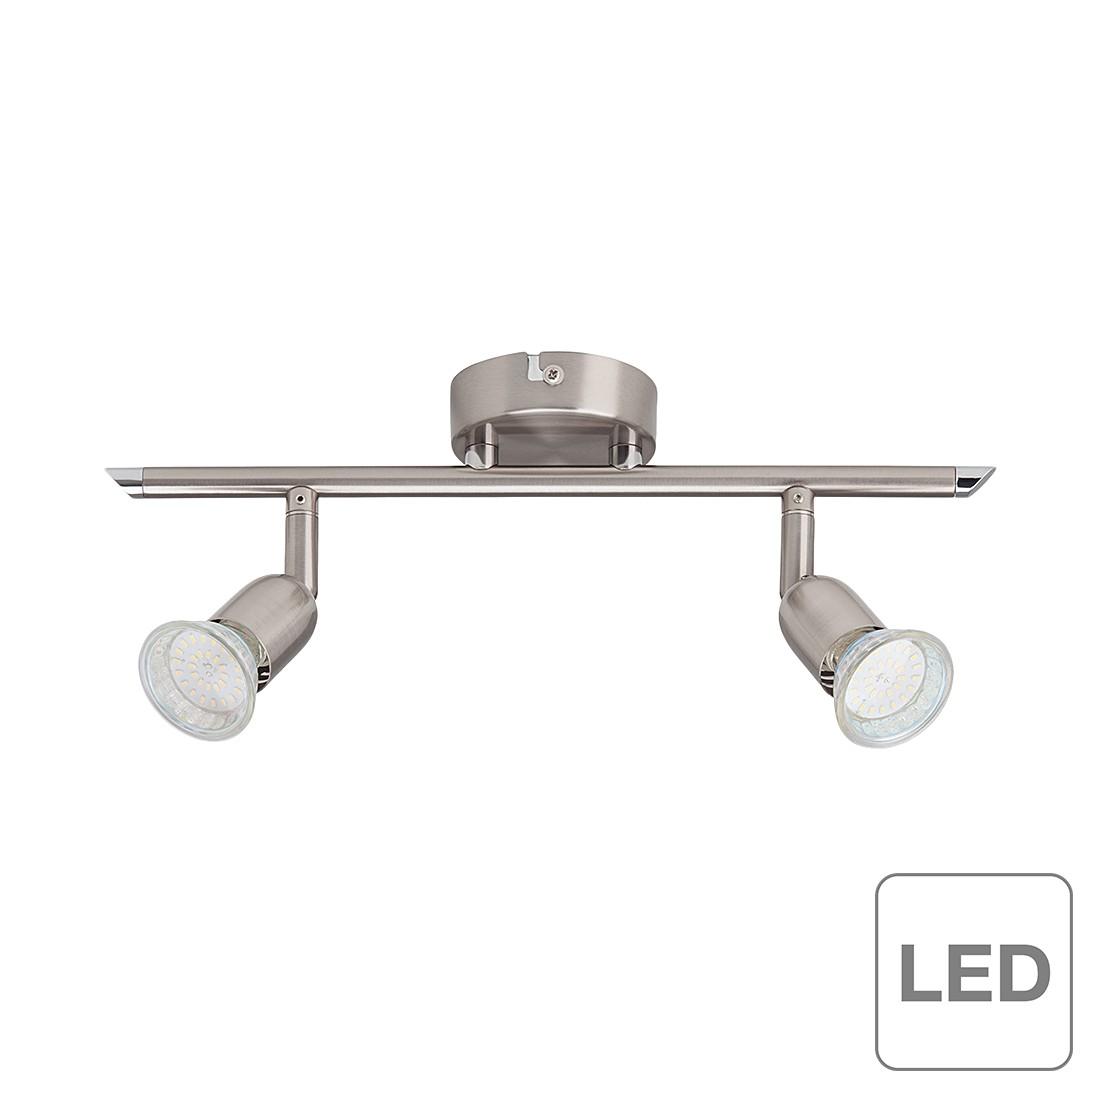 Deckenlampen online kaufen  Möbel-Suchmaschine  ladendirekt.de